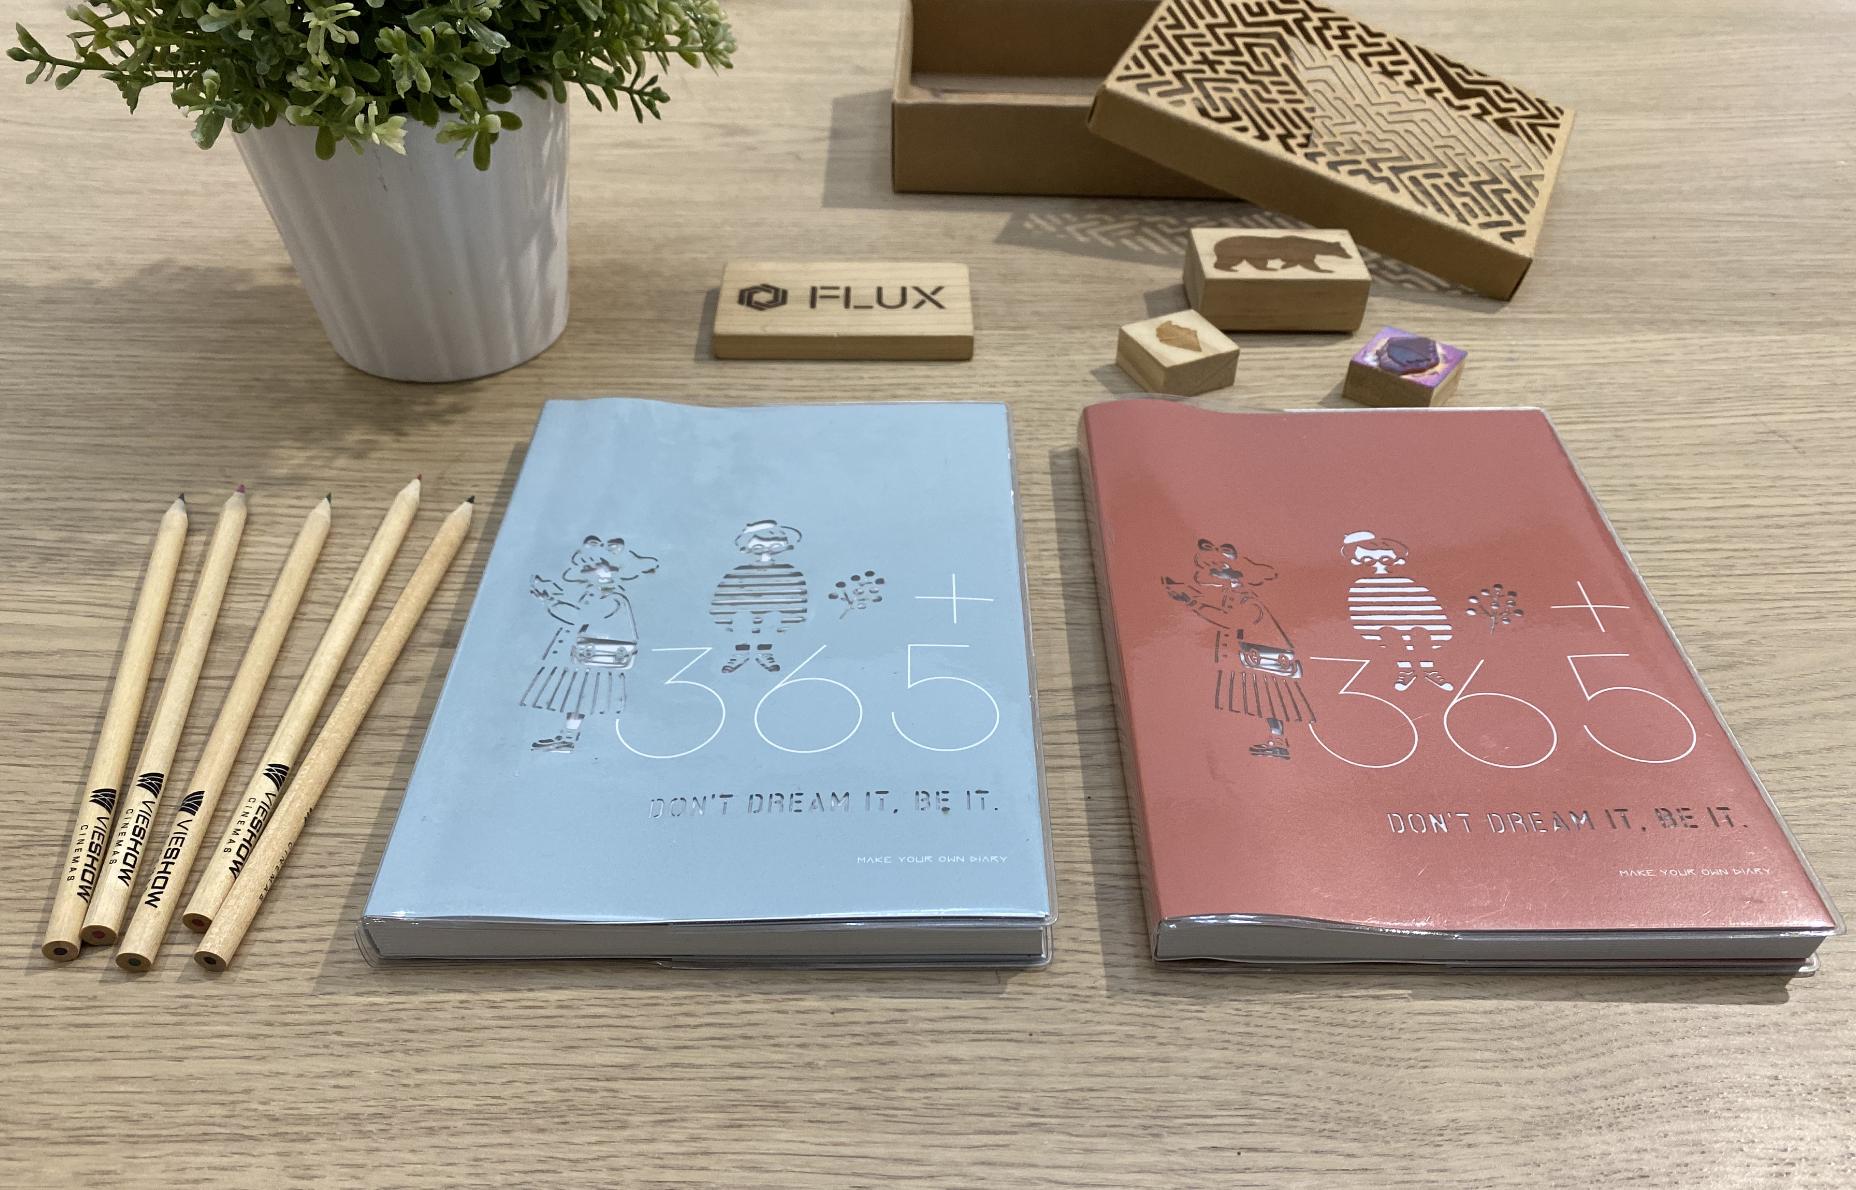 FLUX 特別企劃|雷雕手帳玩出新花樣